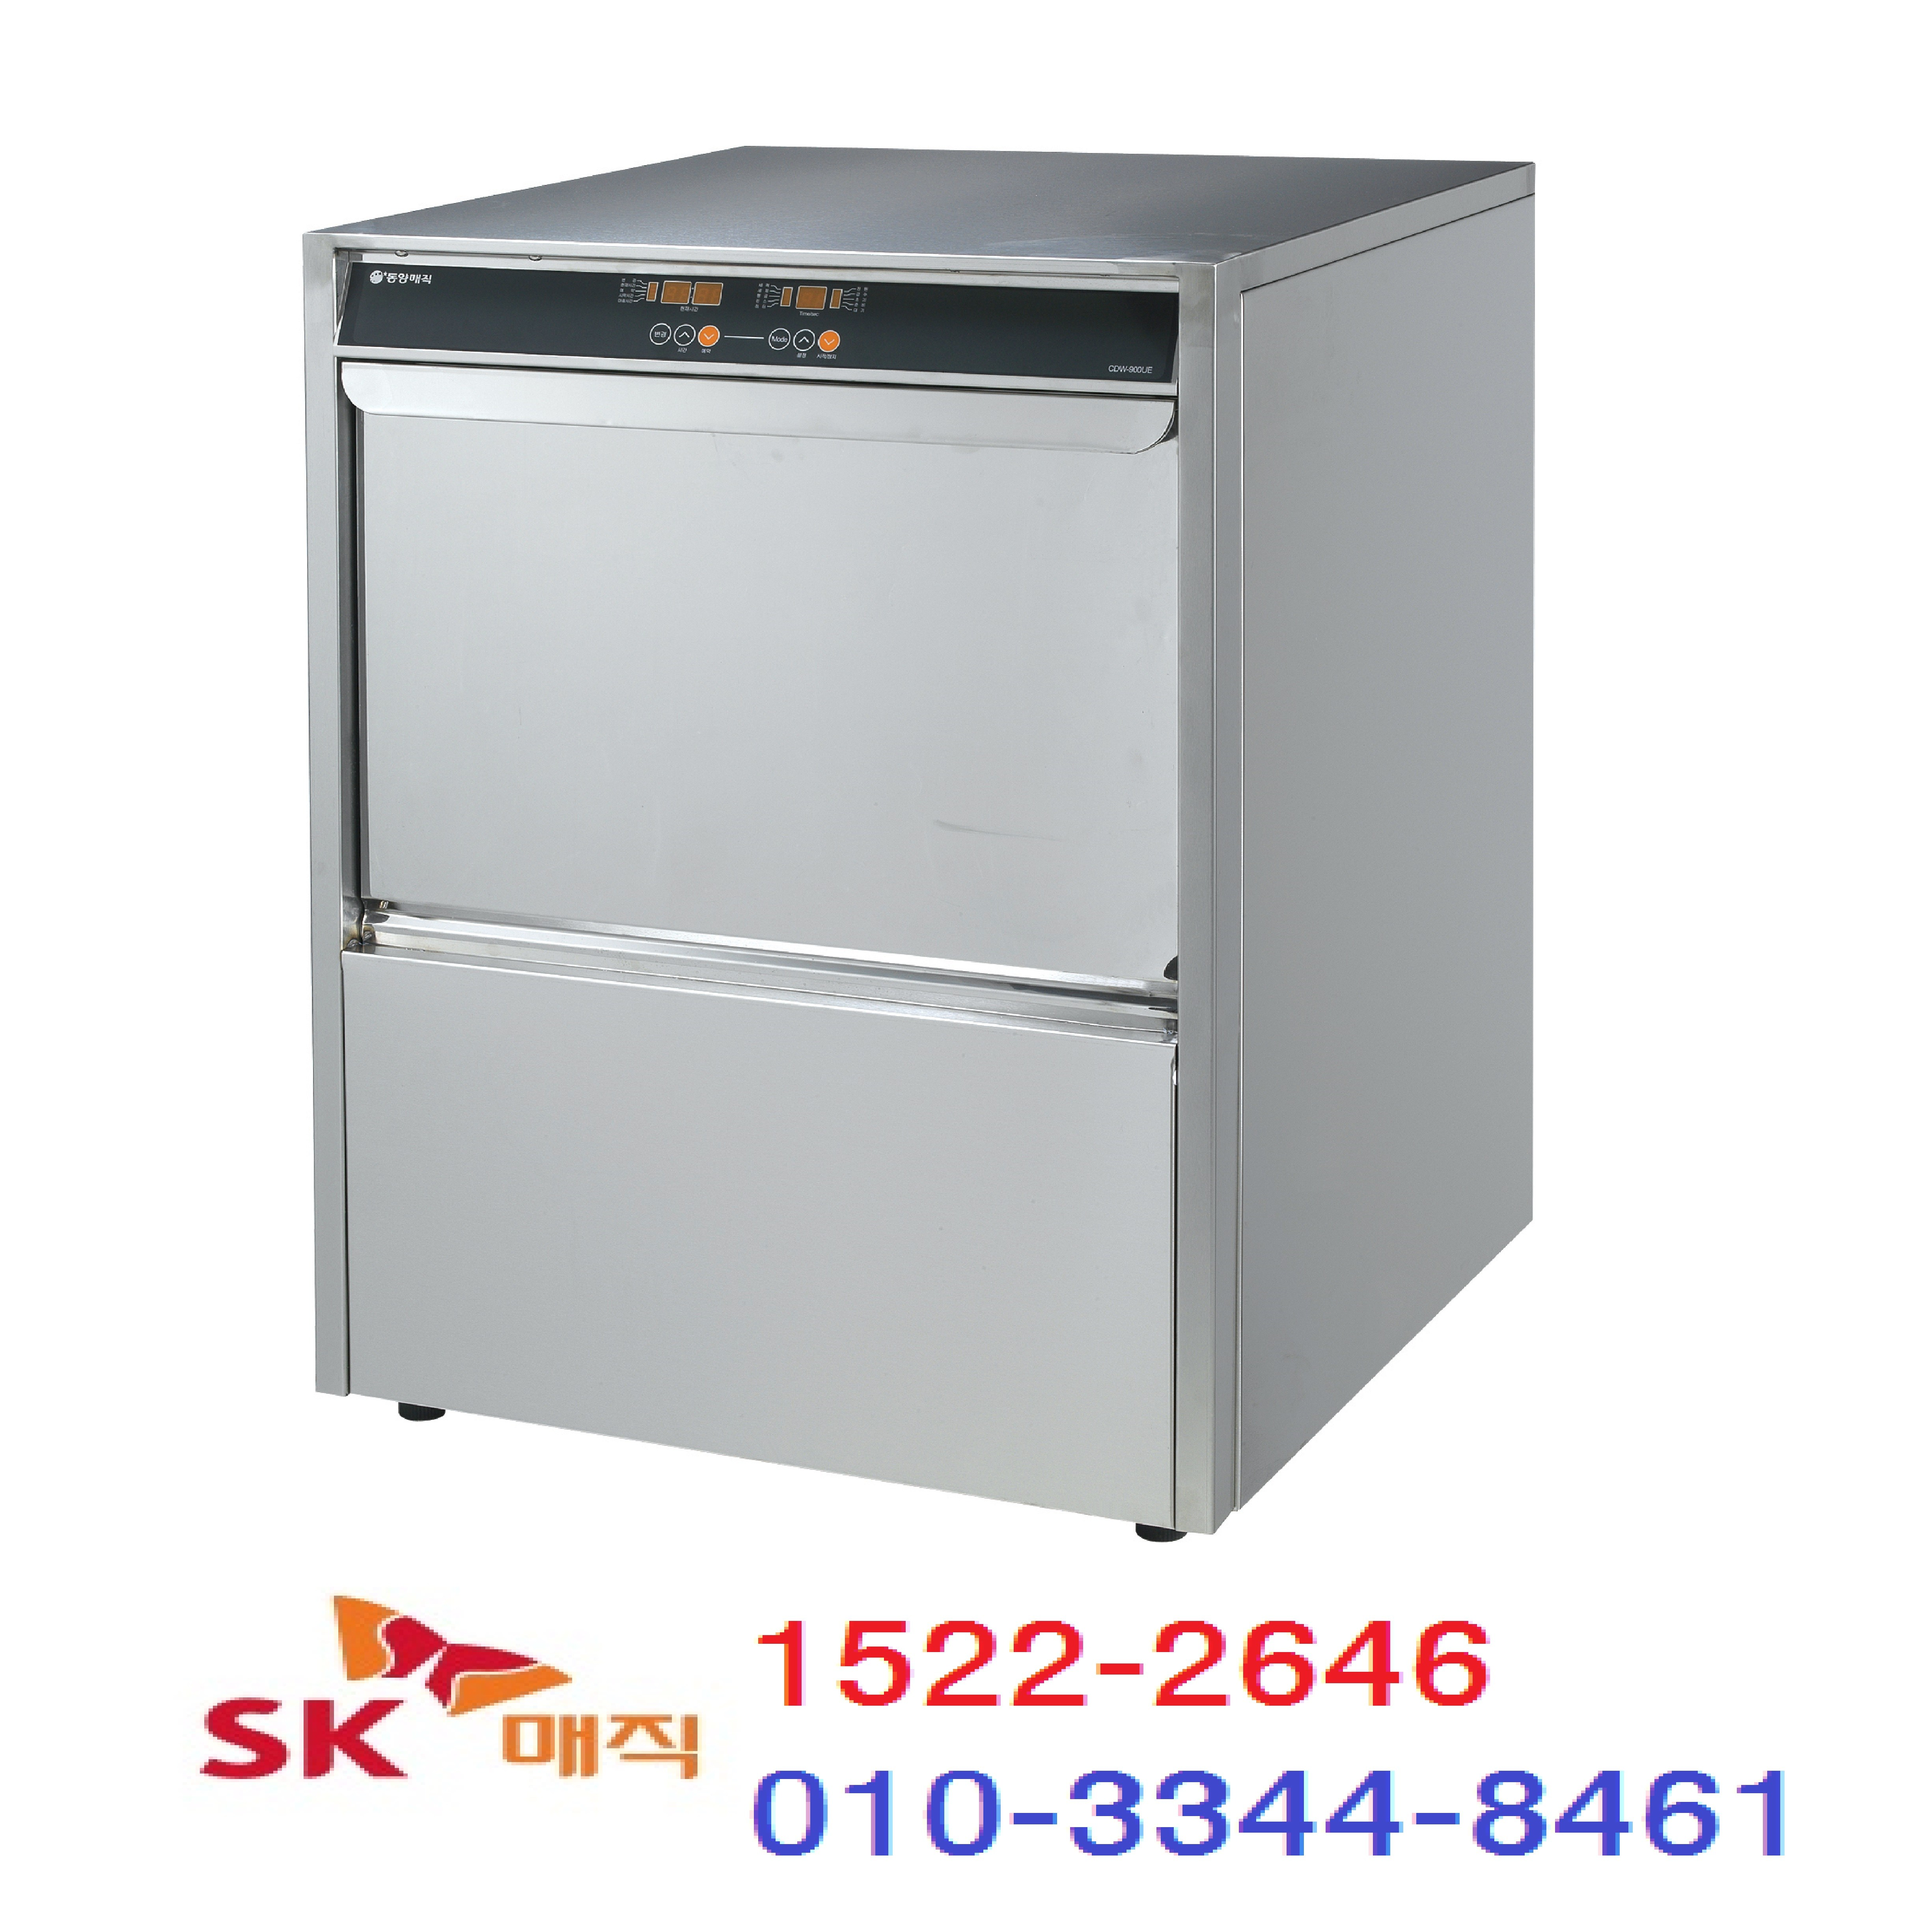 SK매직 업소용식기세척기 CDW-900U언더카운터 커피숍 카페, CDW-900U